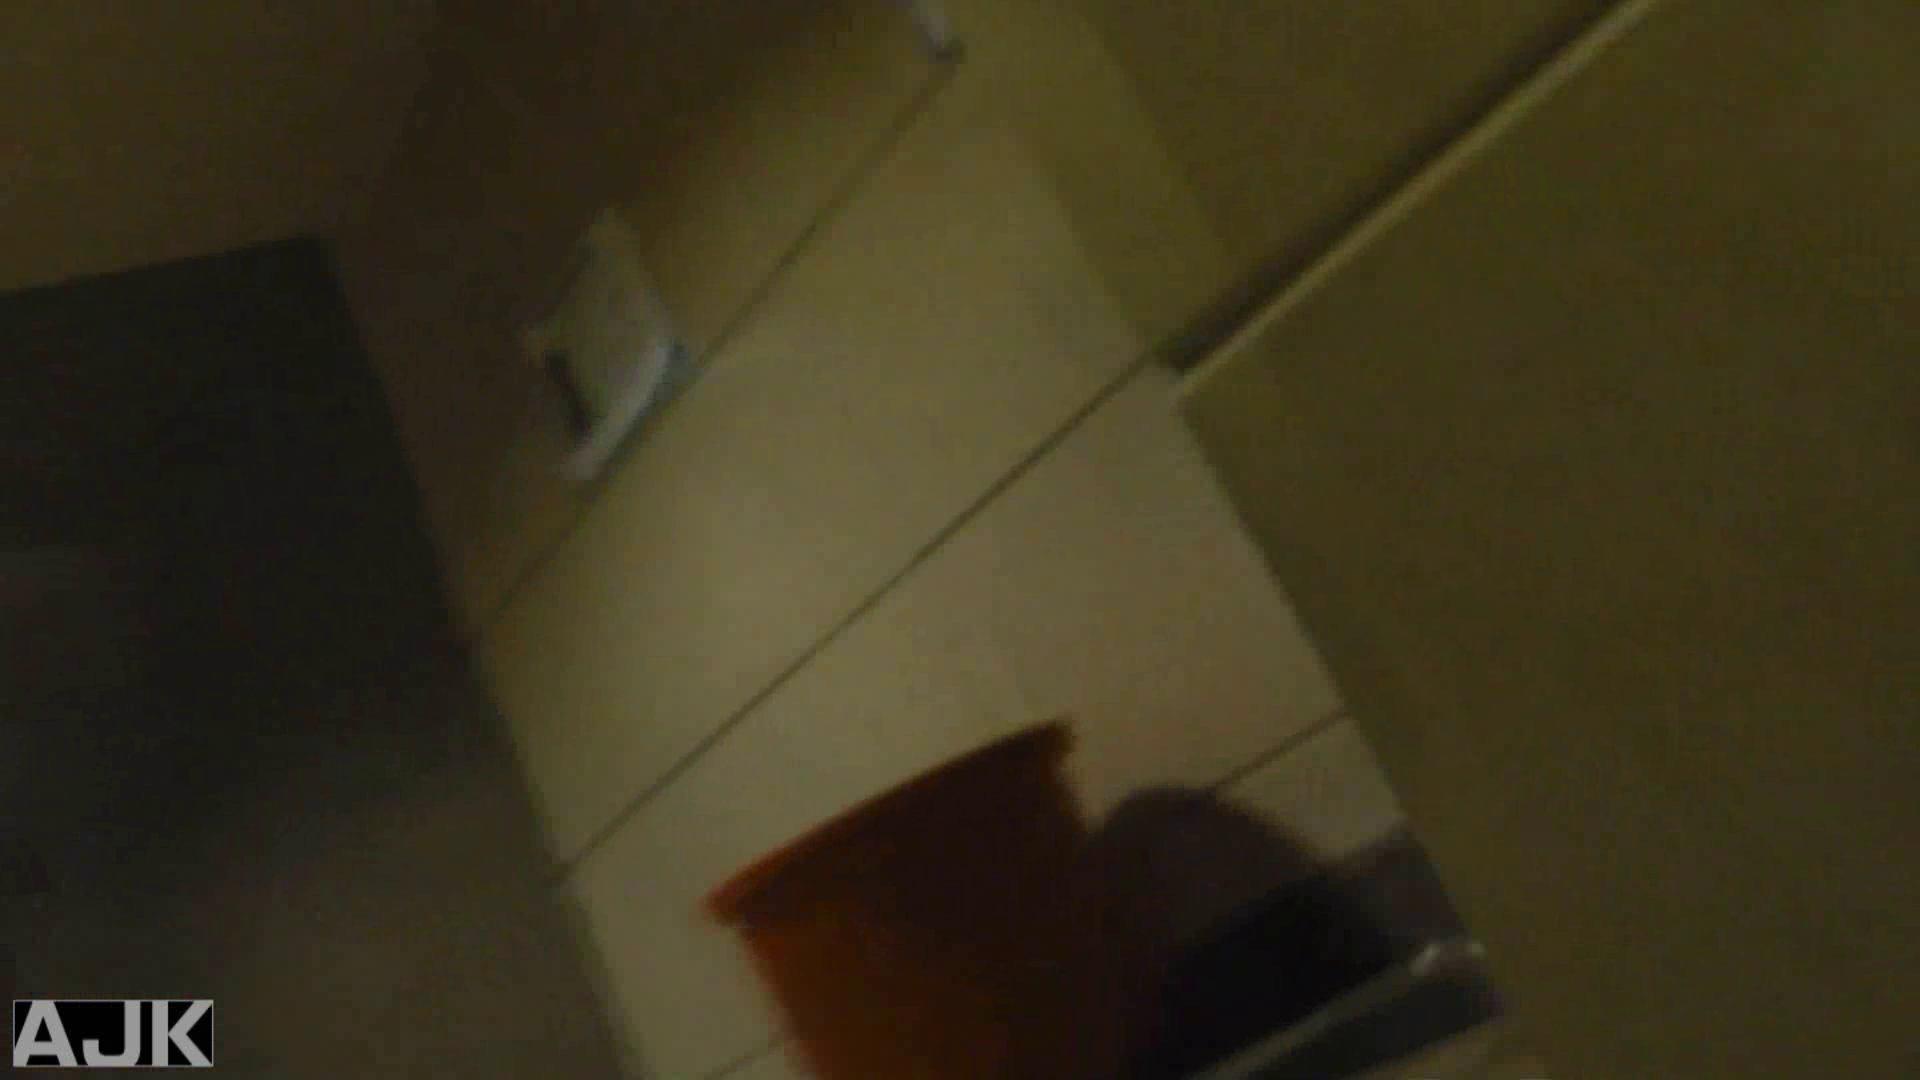 隣国上階級エリアの令嬢たちが集うデパートお手洗い Vol.09 おまんこ おめこ無修正画像 103枚 98